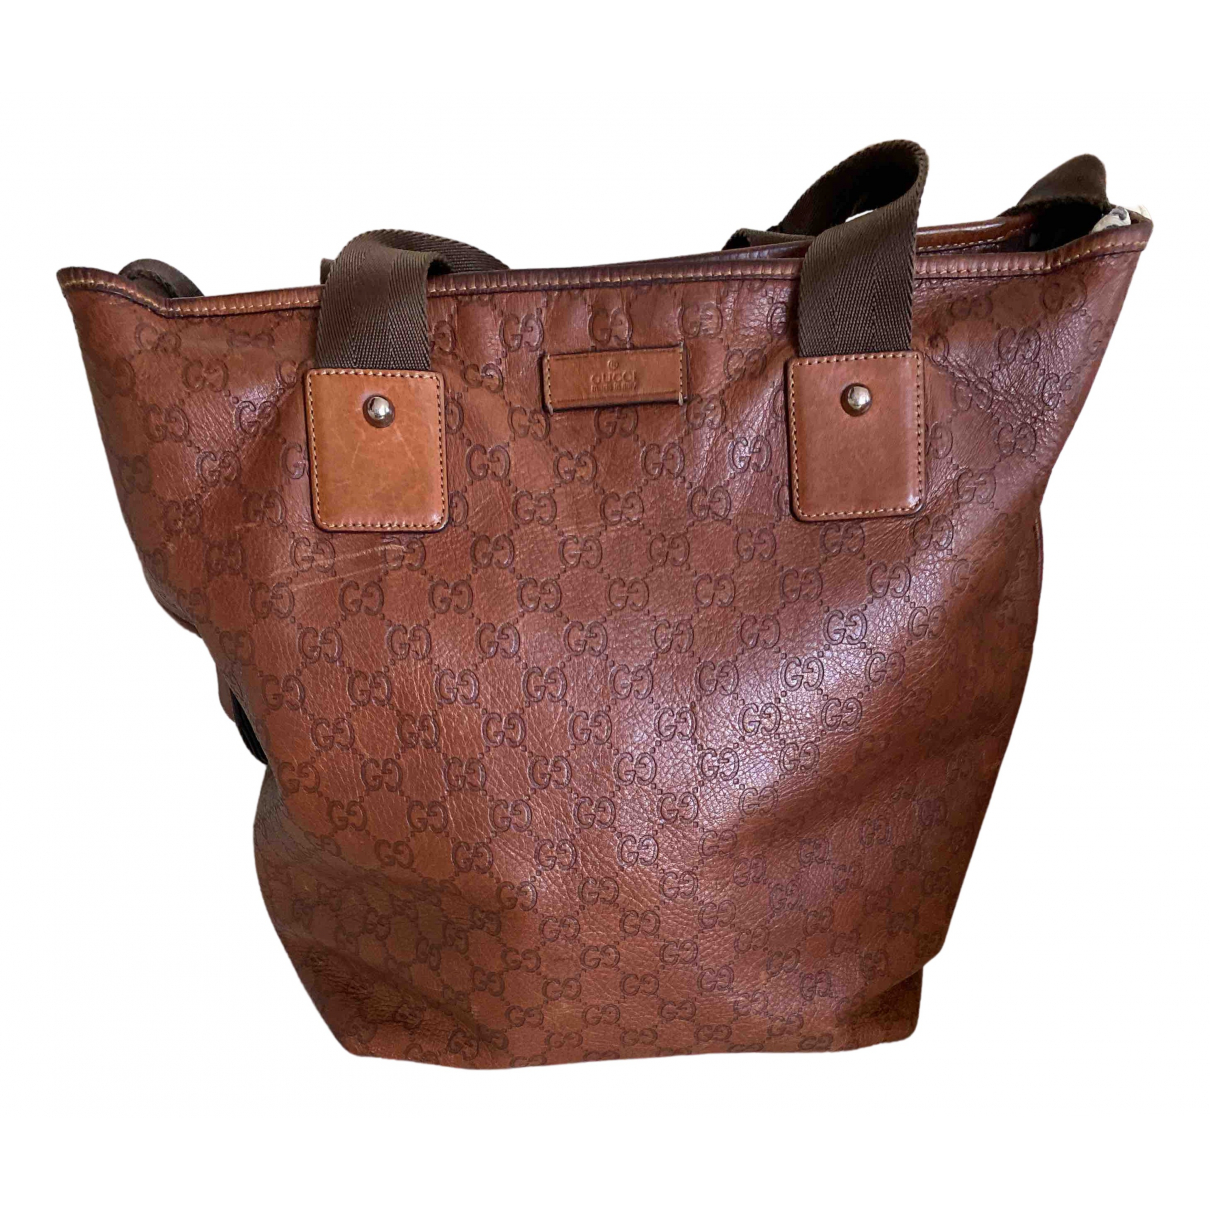 Gucci \N Leather handbag for Women \N